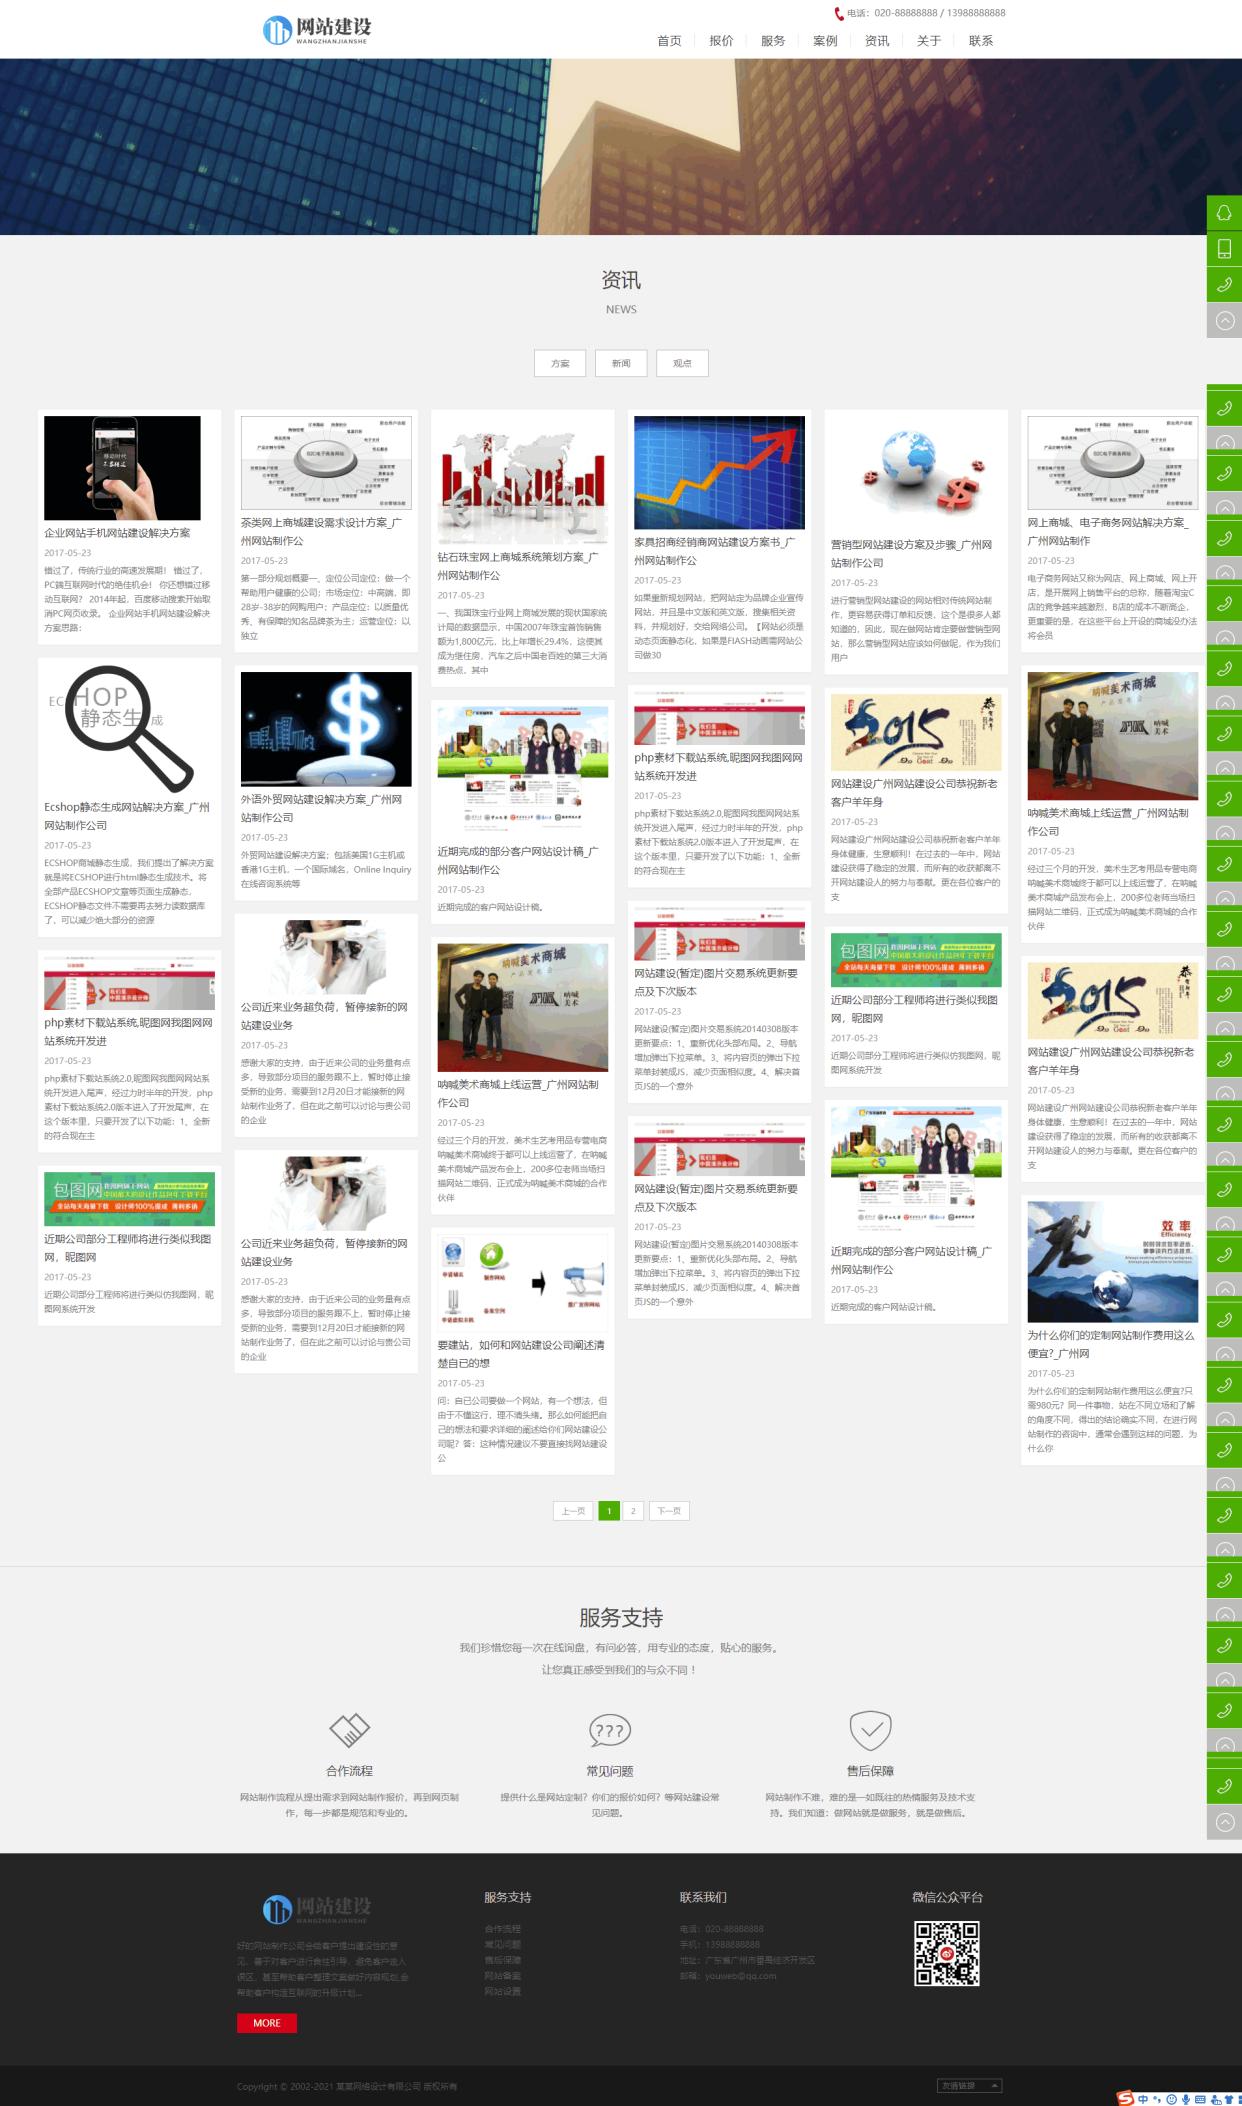 基于ThinkPHP5框架开发的响应式H5可视化网站网络设计公司网站PHP源码 PHP框架 第5张